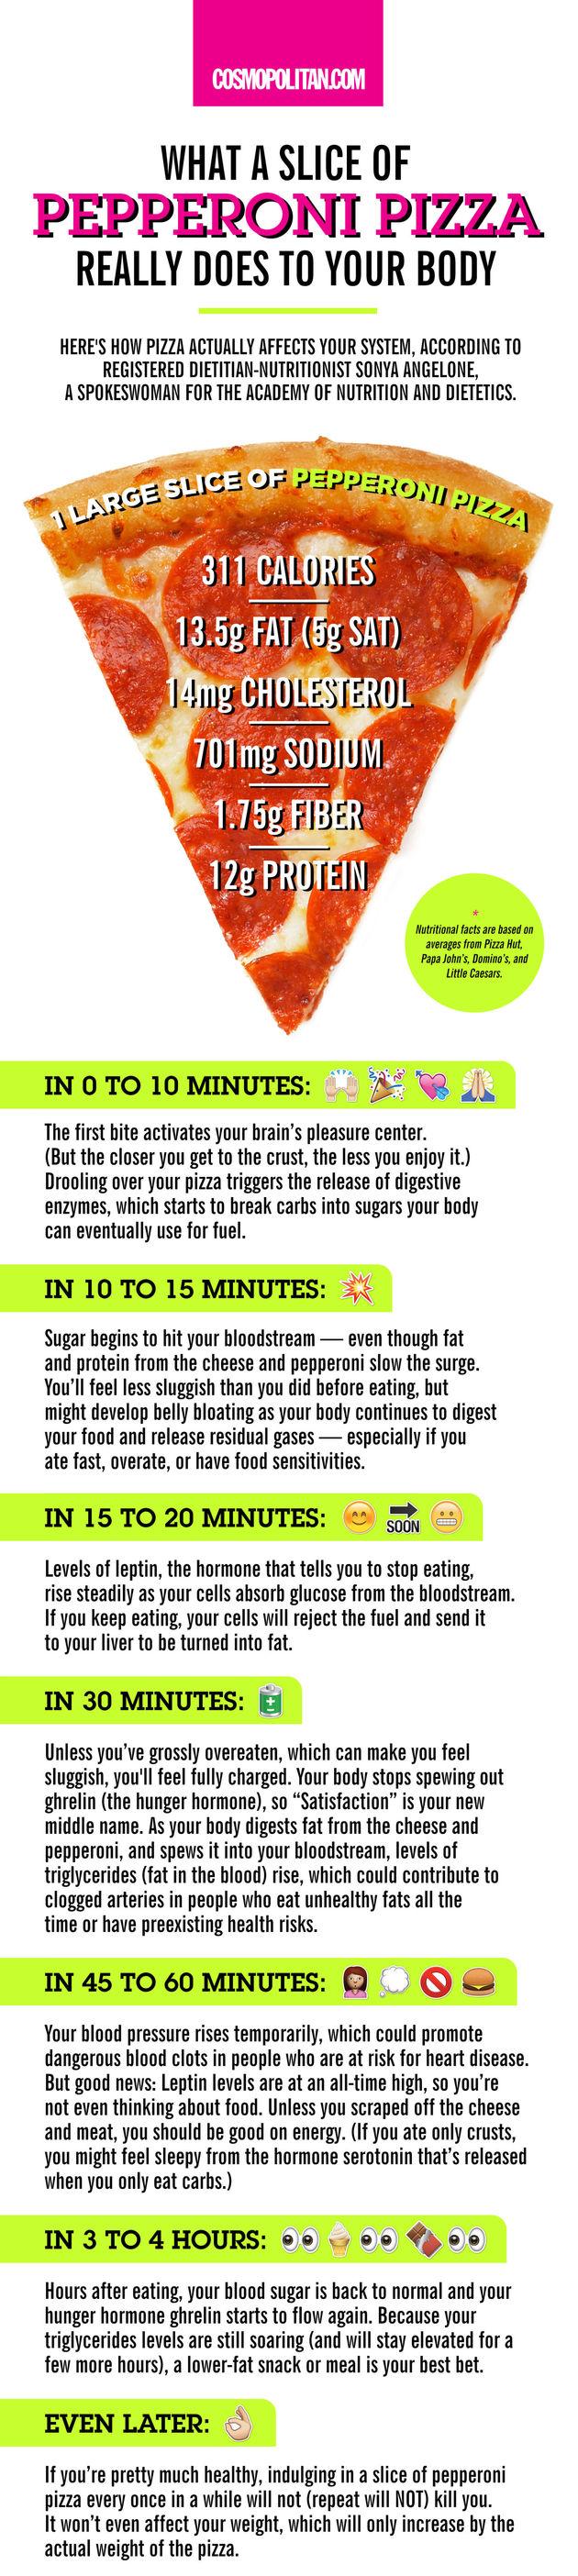 dit-gebeurt-er-met-je-lichaam-als-je-pizza-eet